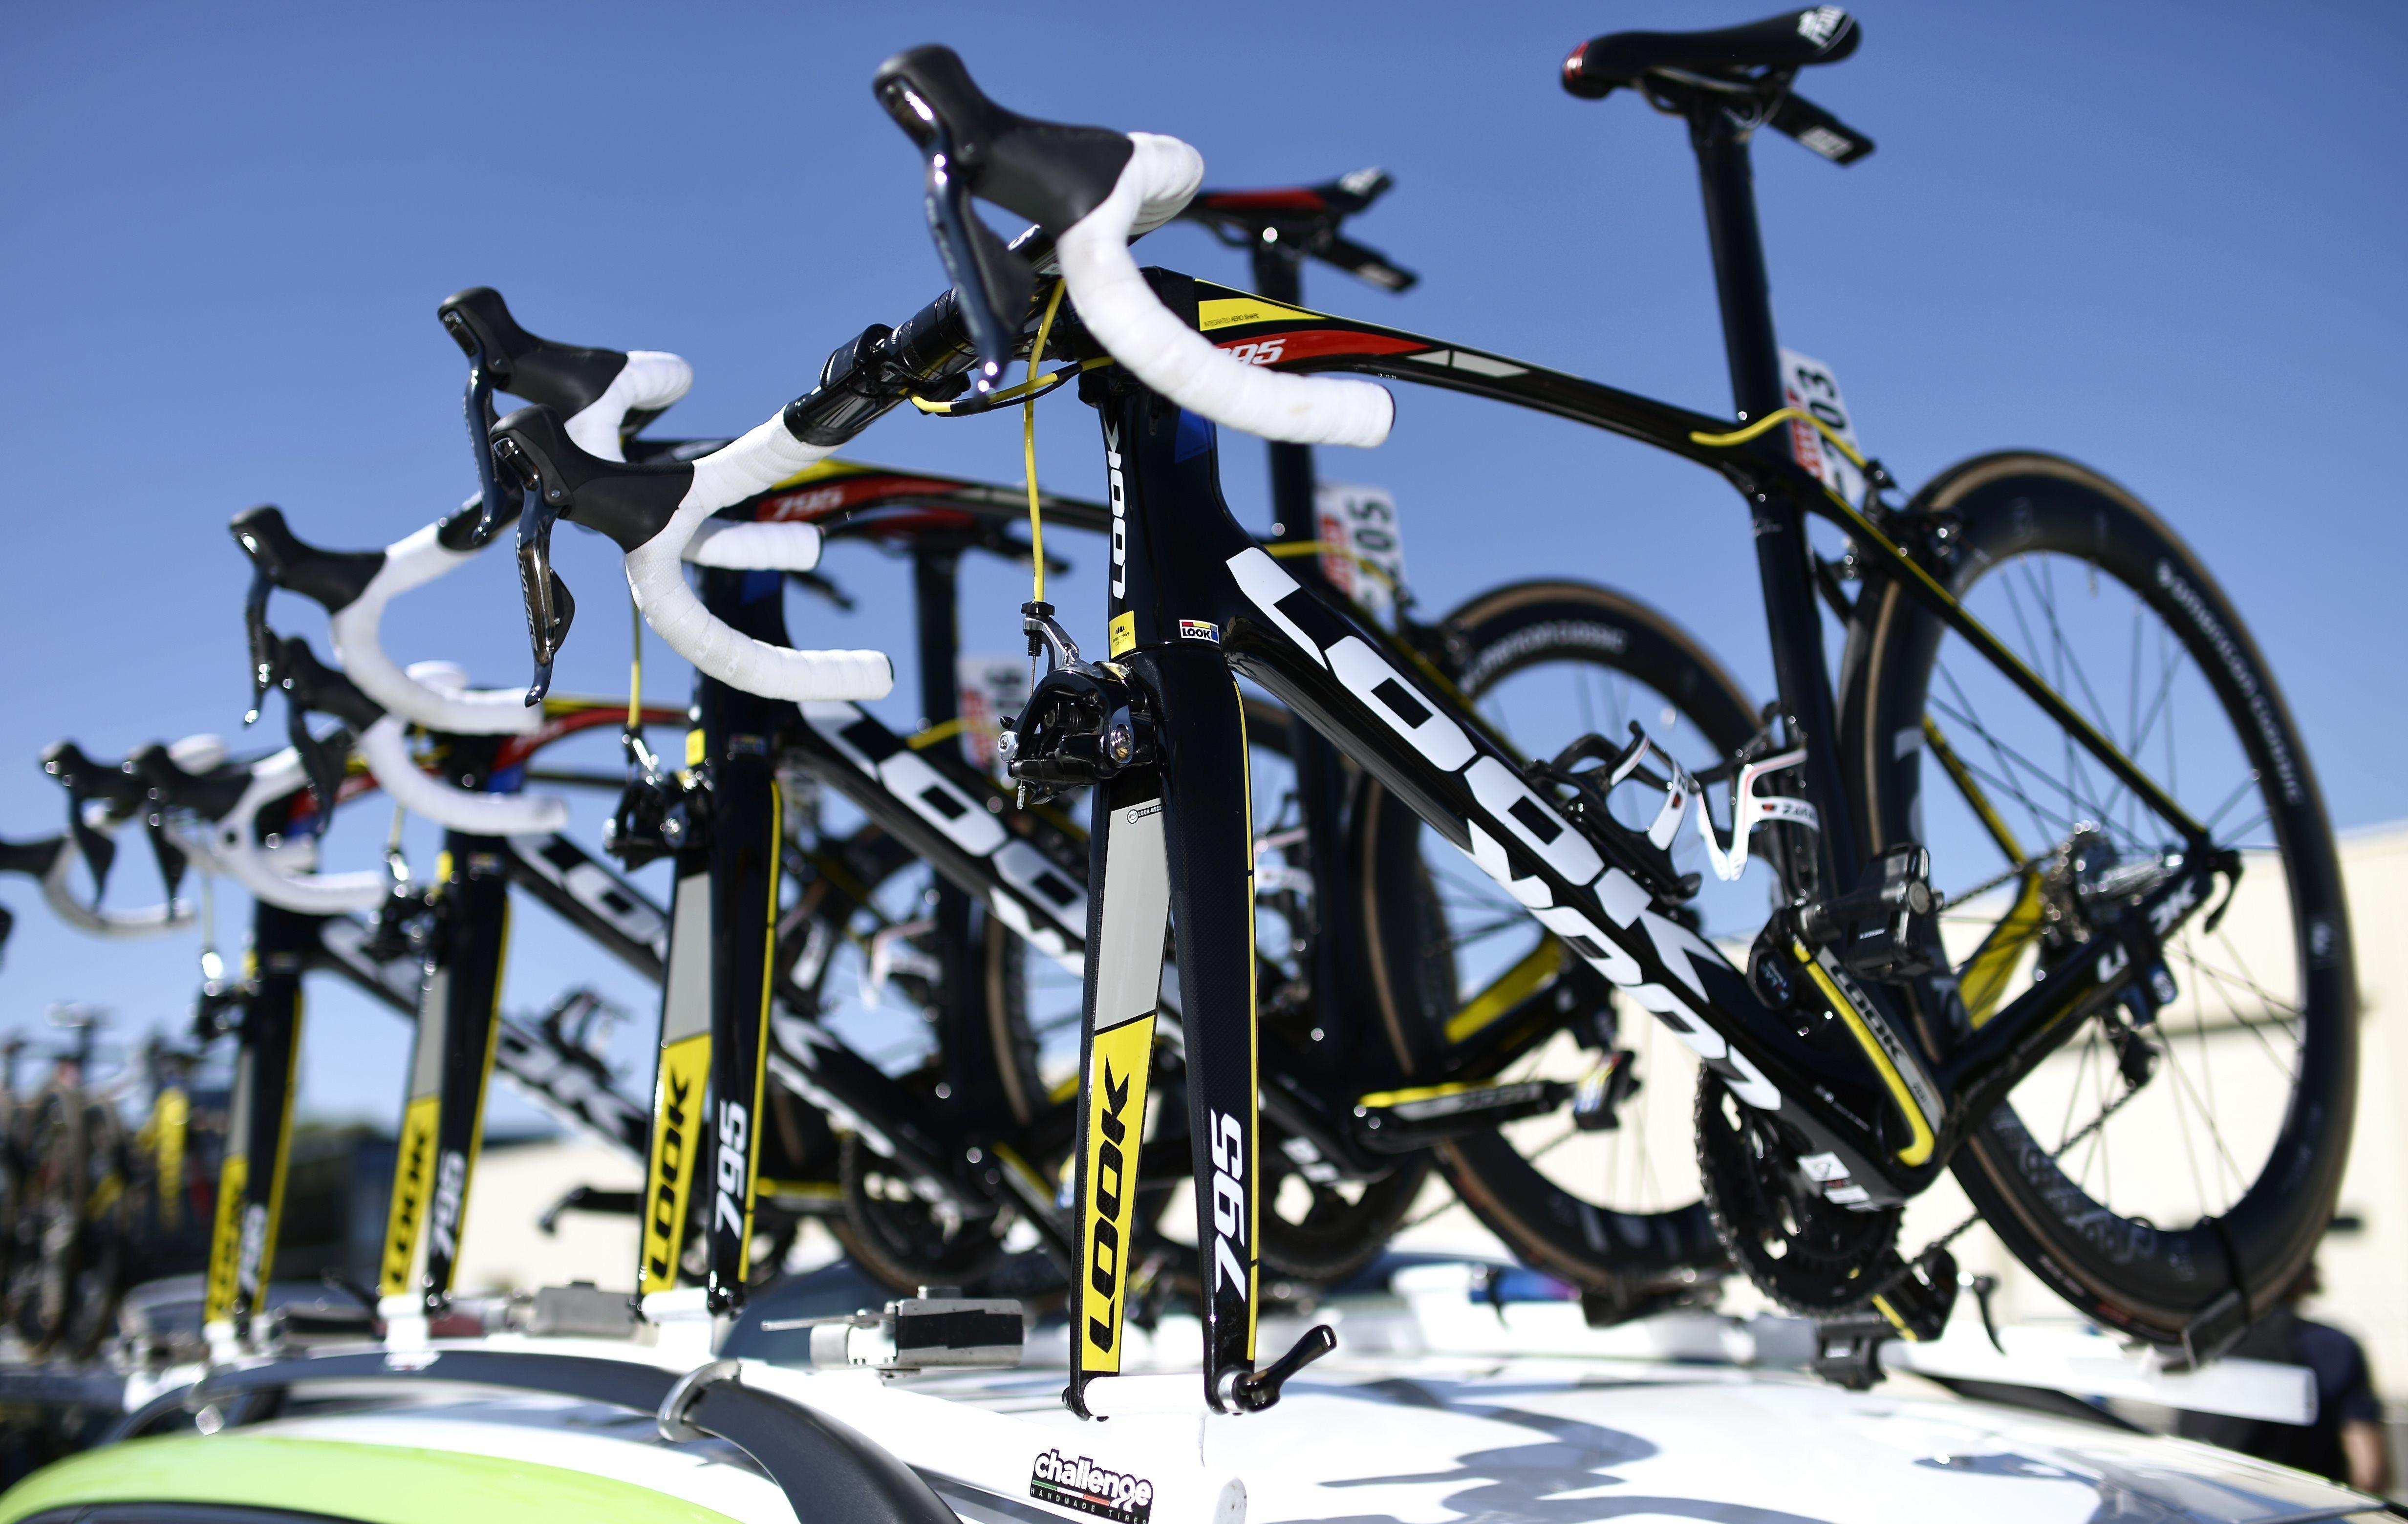 v los motoris s le nouveau dopage qui inqui te tour de france cyclisme. Black Bedroom Furniture Sets. Home Design Ideas